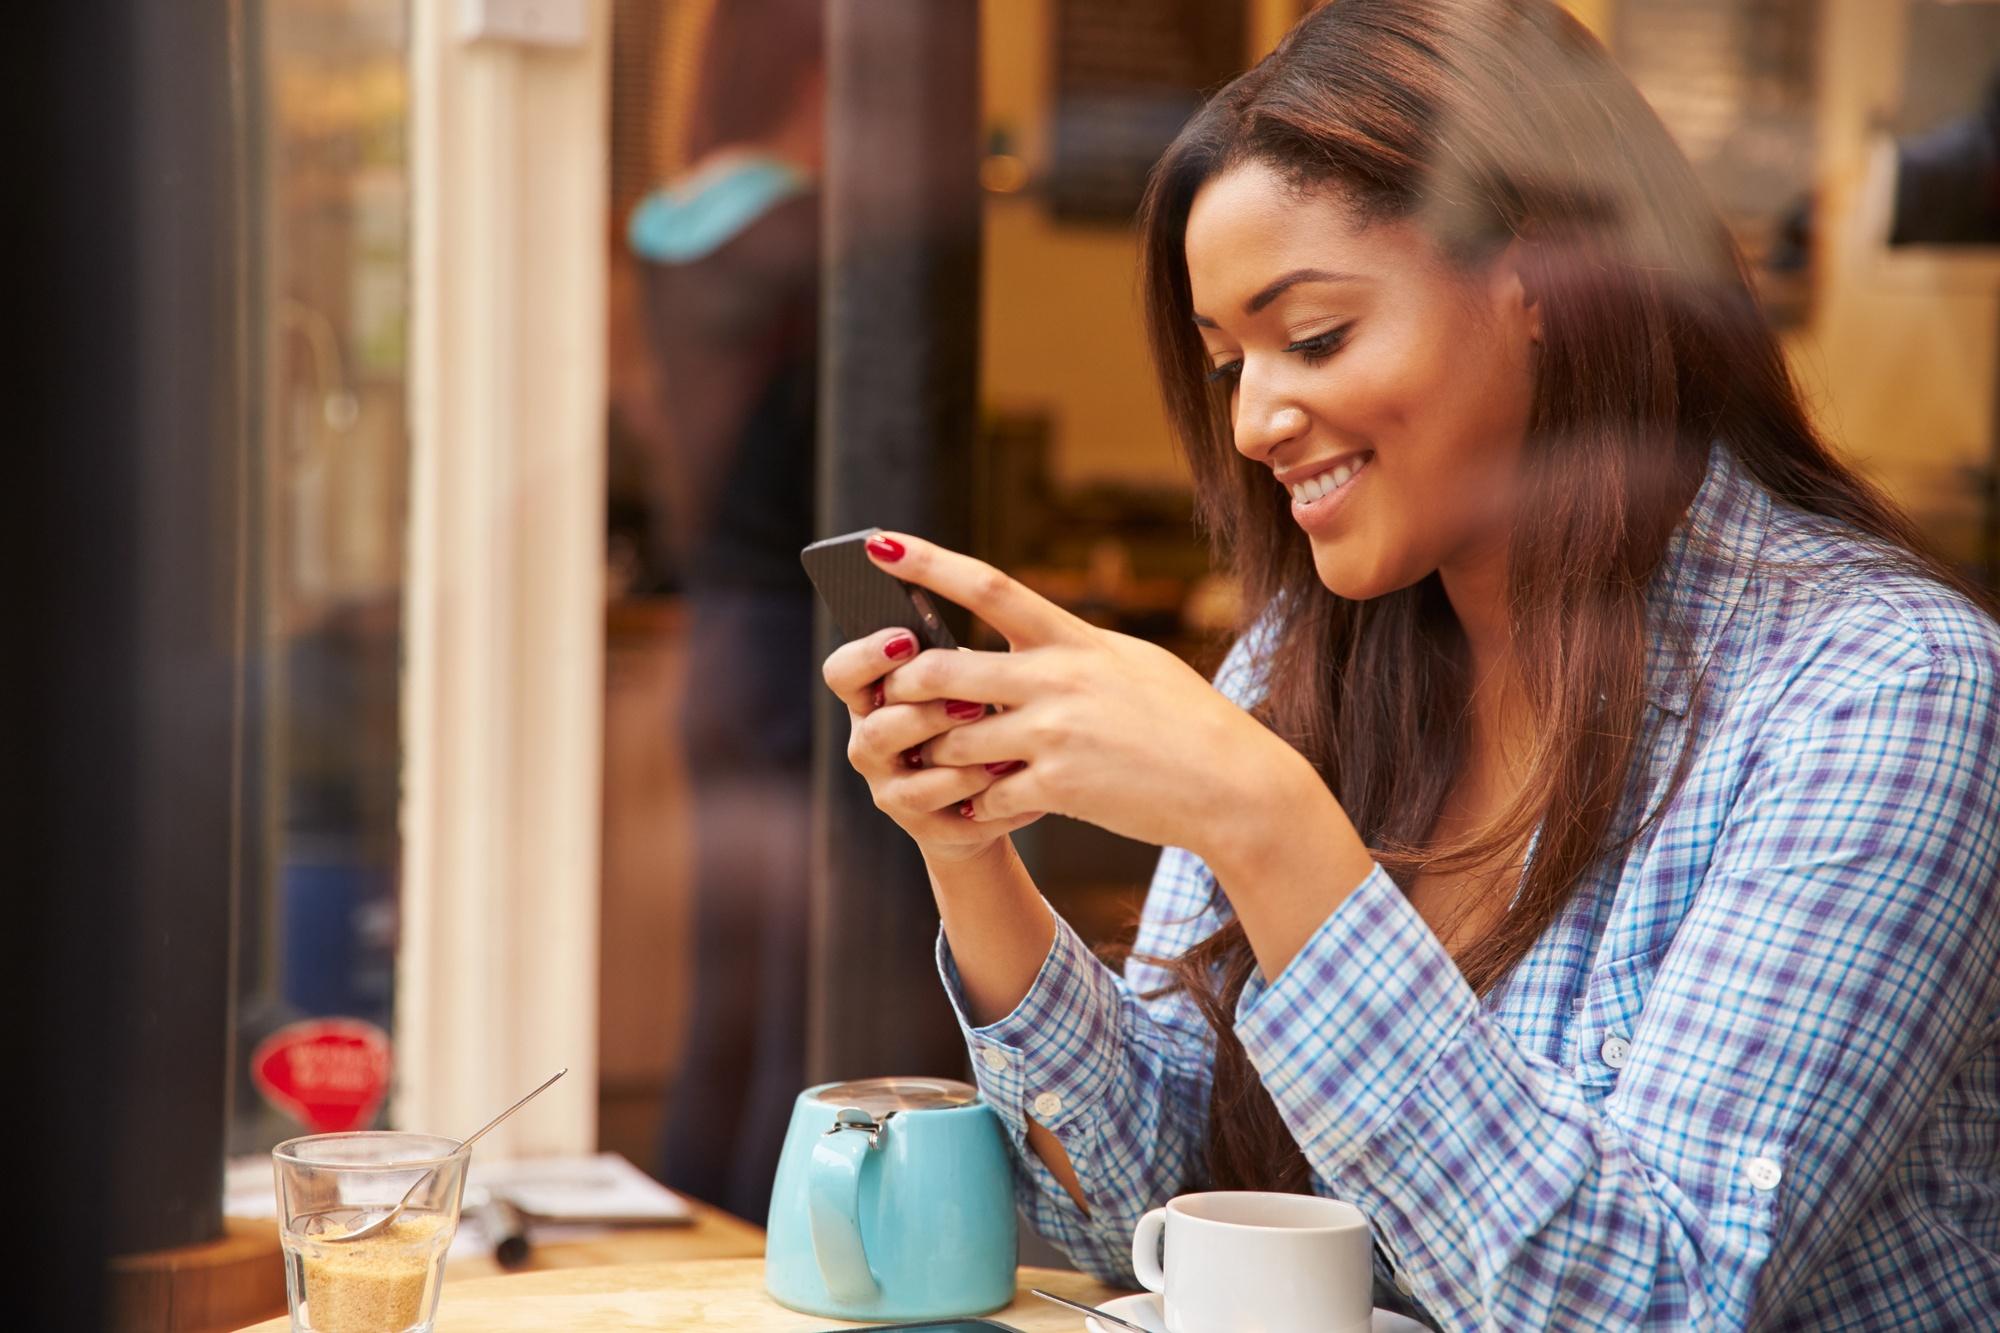 woman review yelp social media